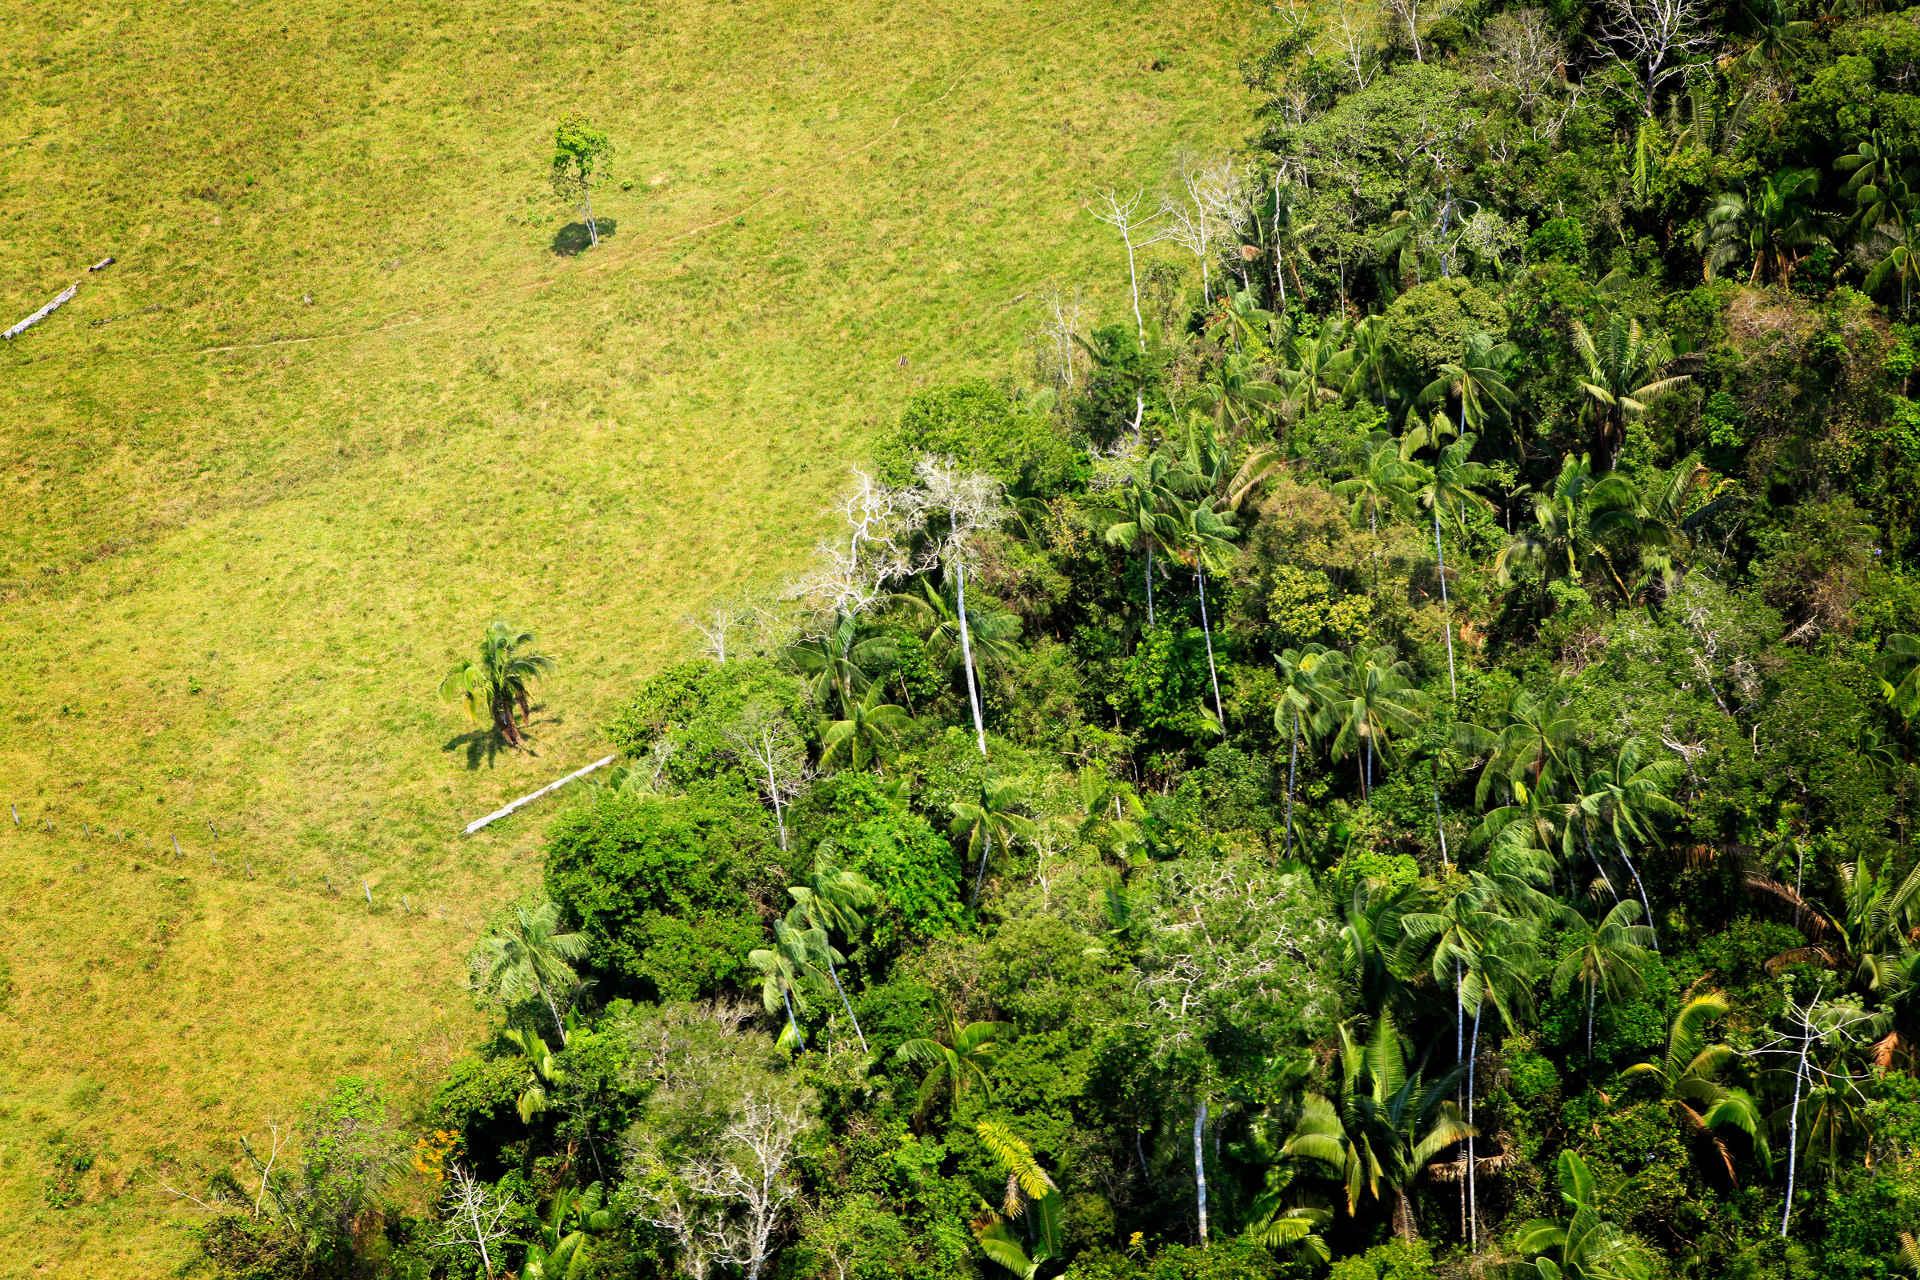 Klimaschutz Brasilien: Luftbild Amazonas mit Entwaldungsgrenze